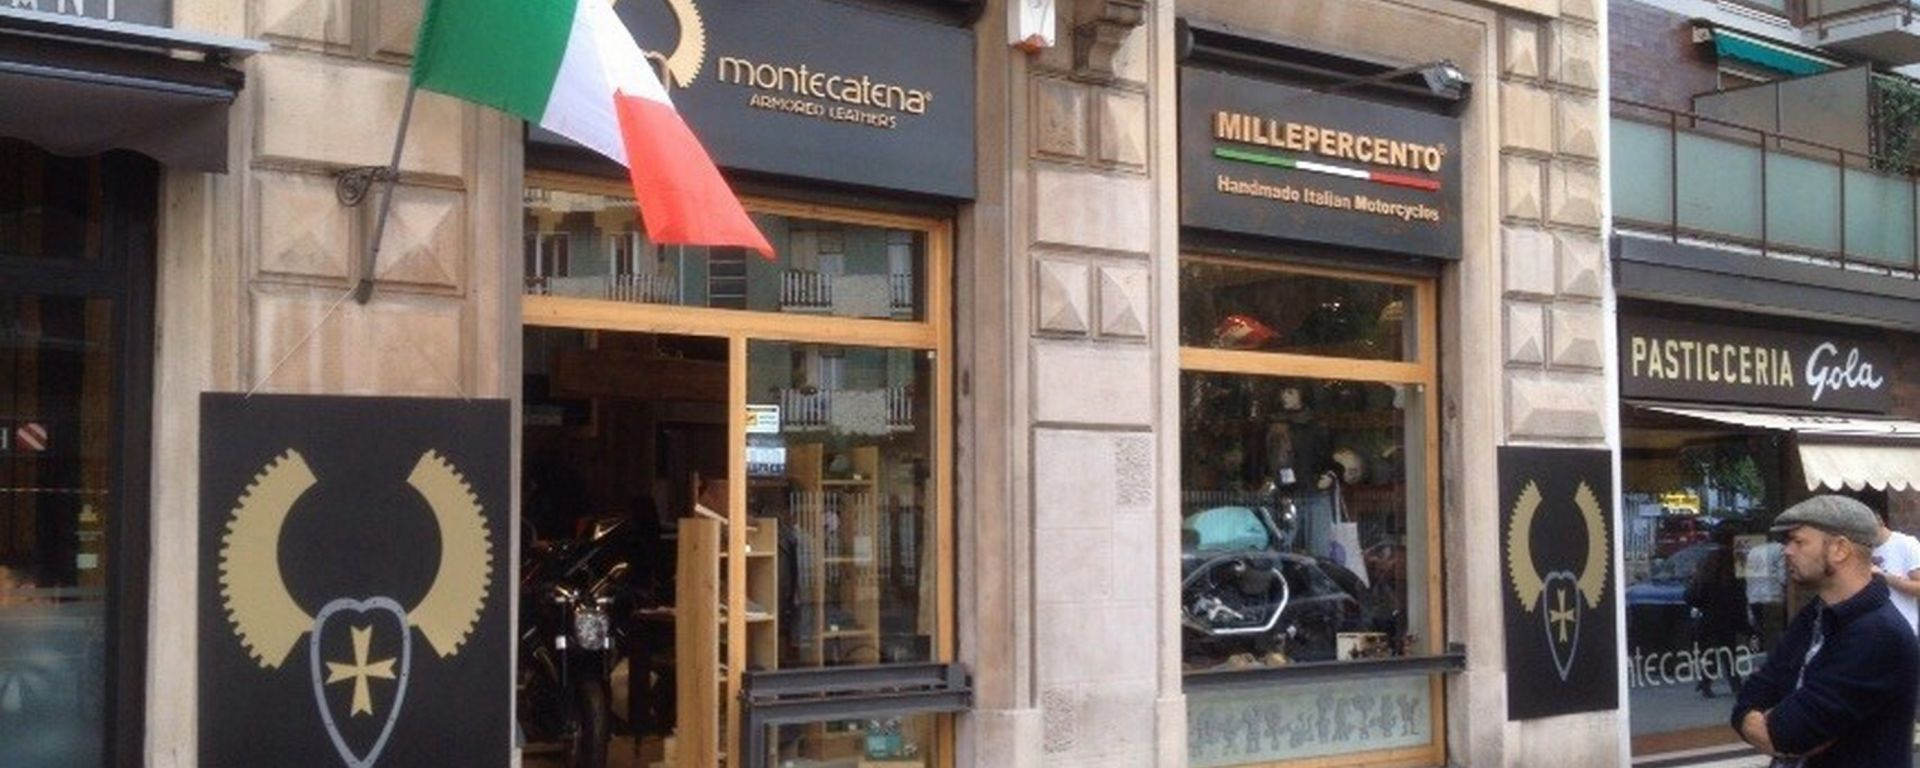 Montecatena: apre a Milano il primo store moto-fashion